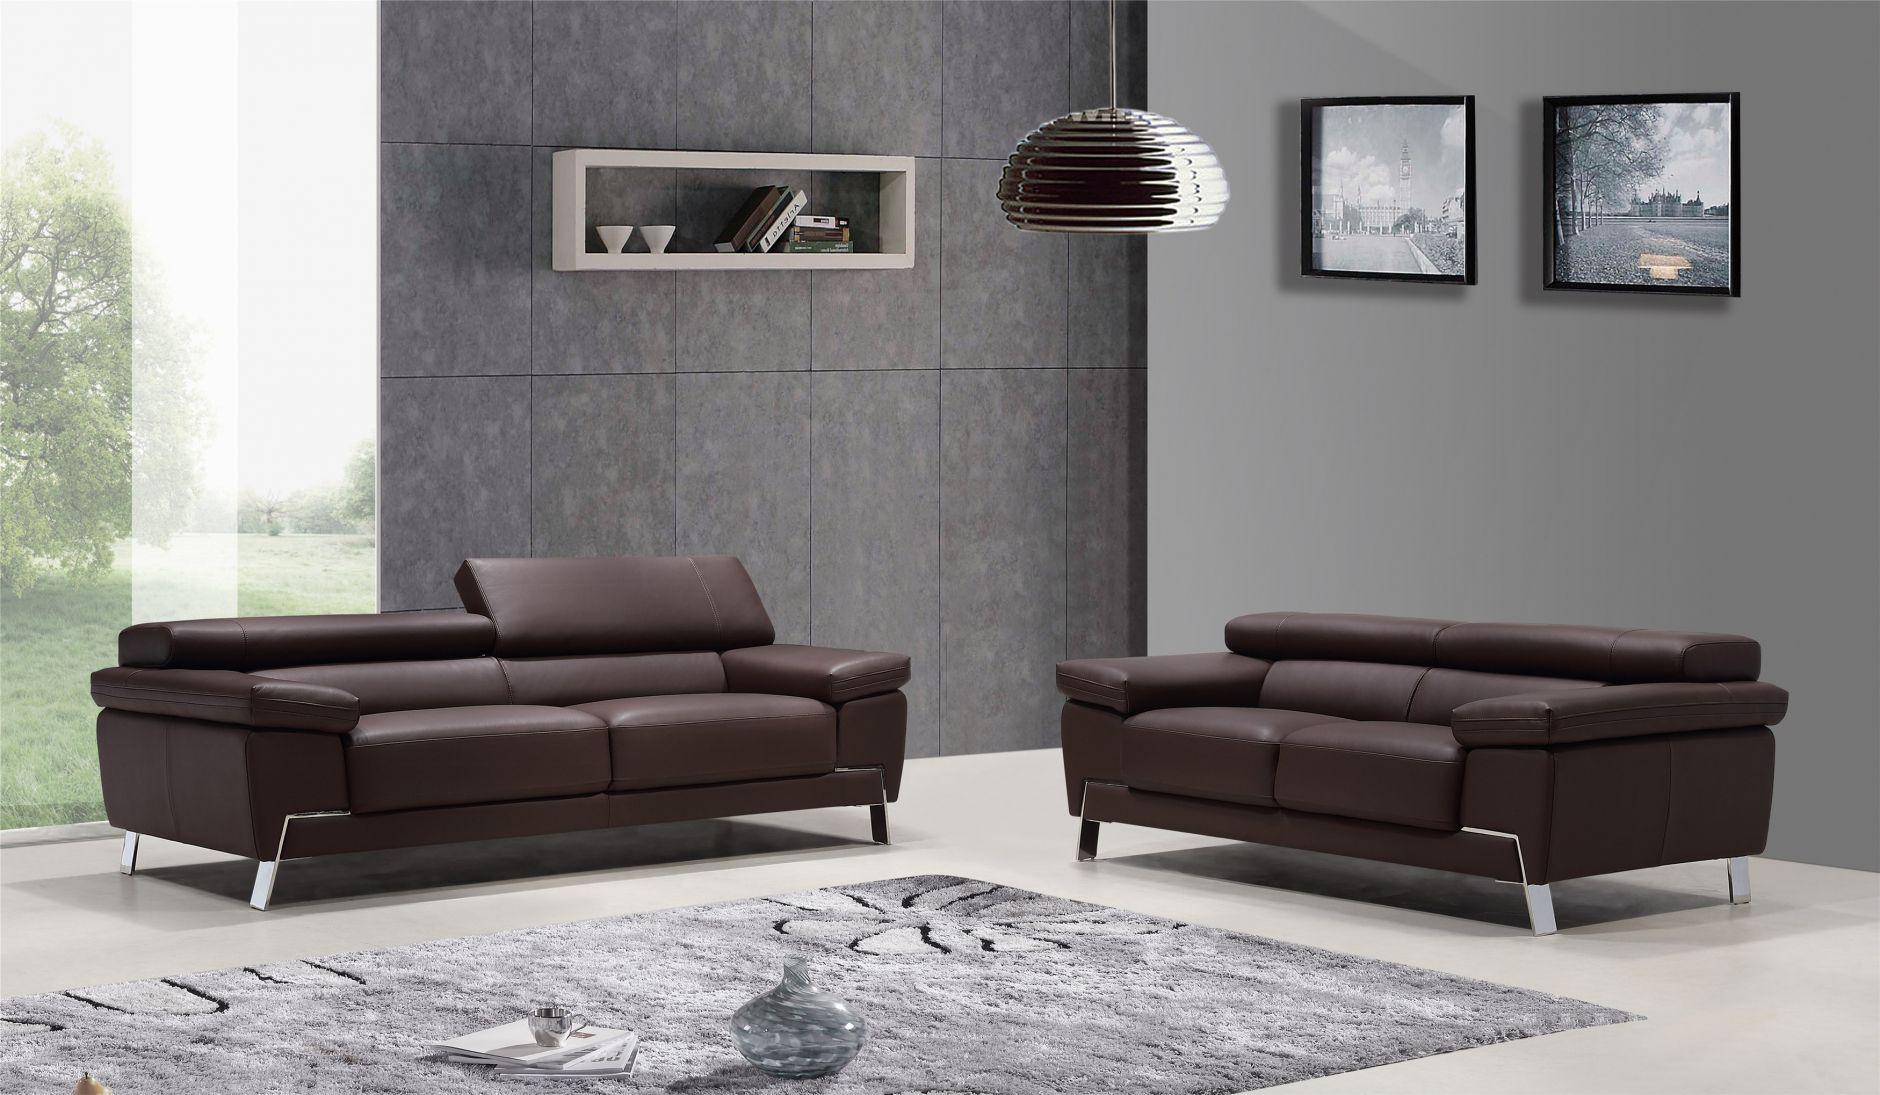 Muebles tapizados muebles tapizados 1590muebles de italia - Tapizados para muebles ...